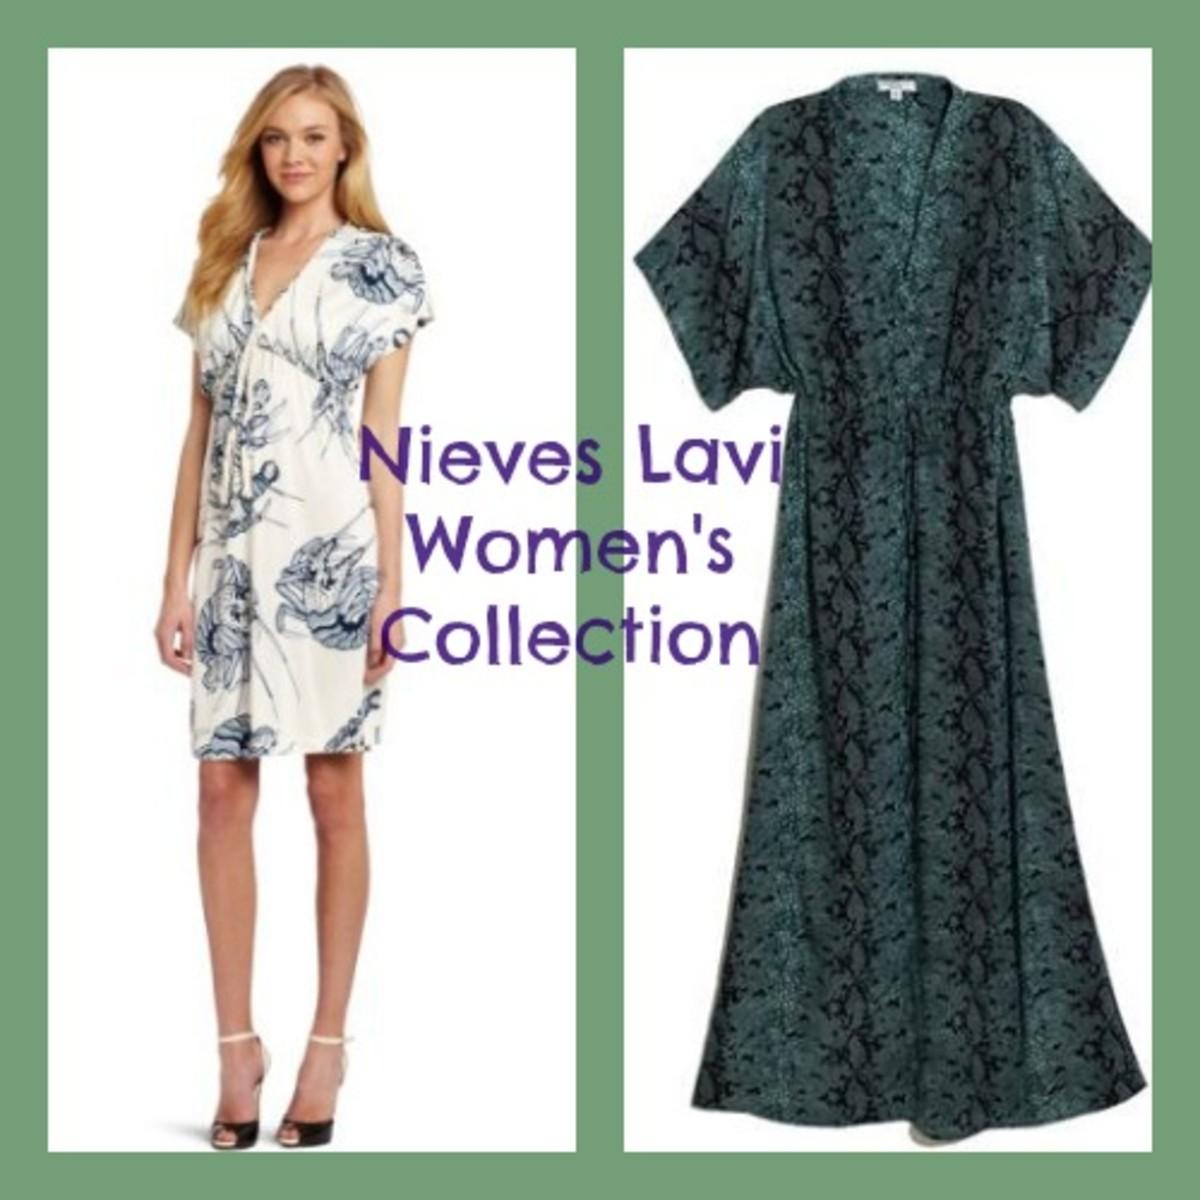 Nieves Lavi Fashions